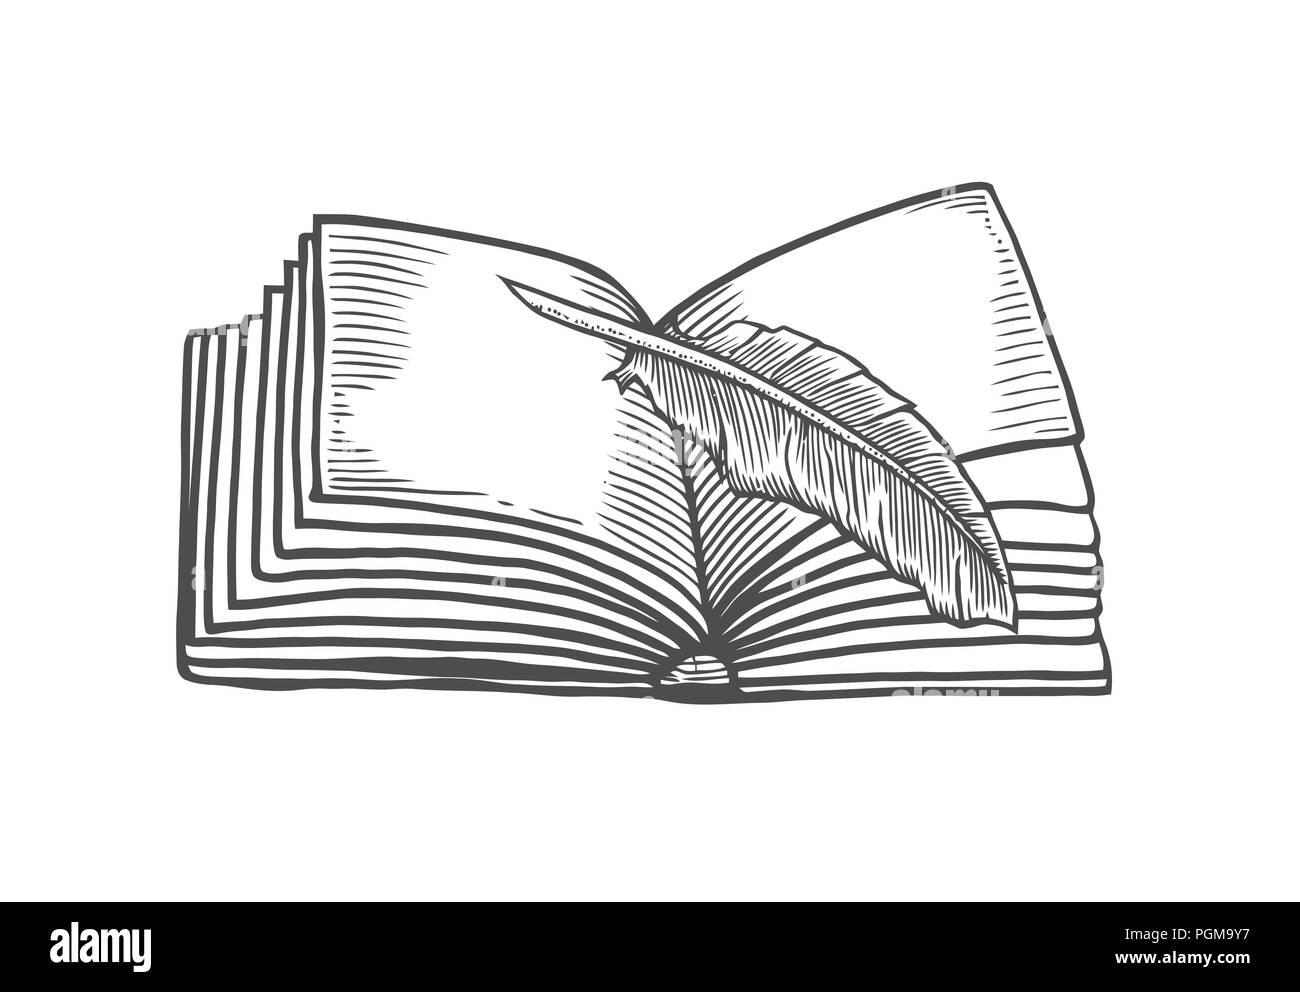 Con La Pluma De Libro Abierto Aislado Sobre Fondo Blanco